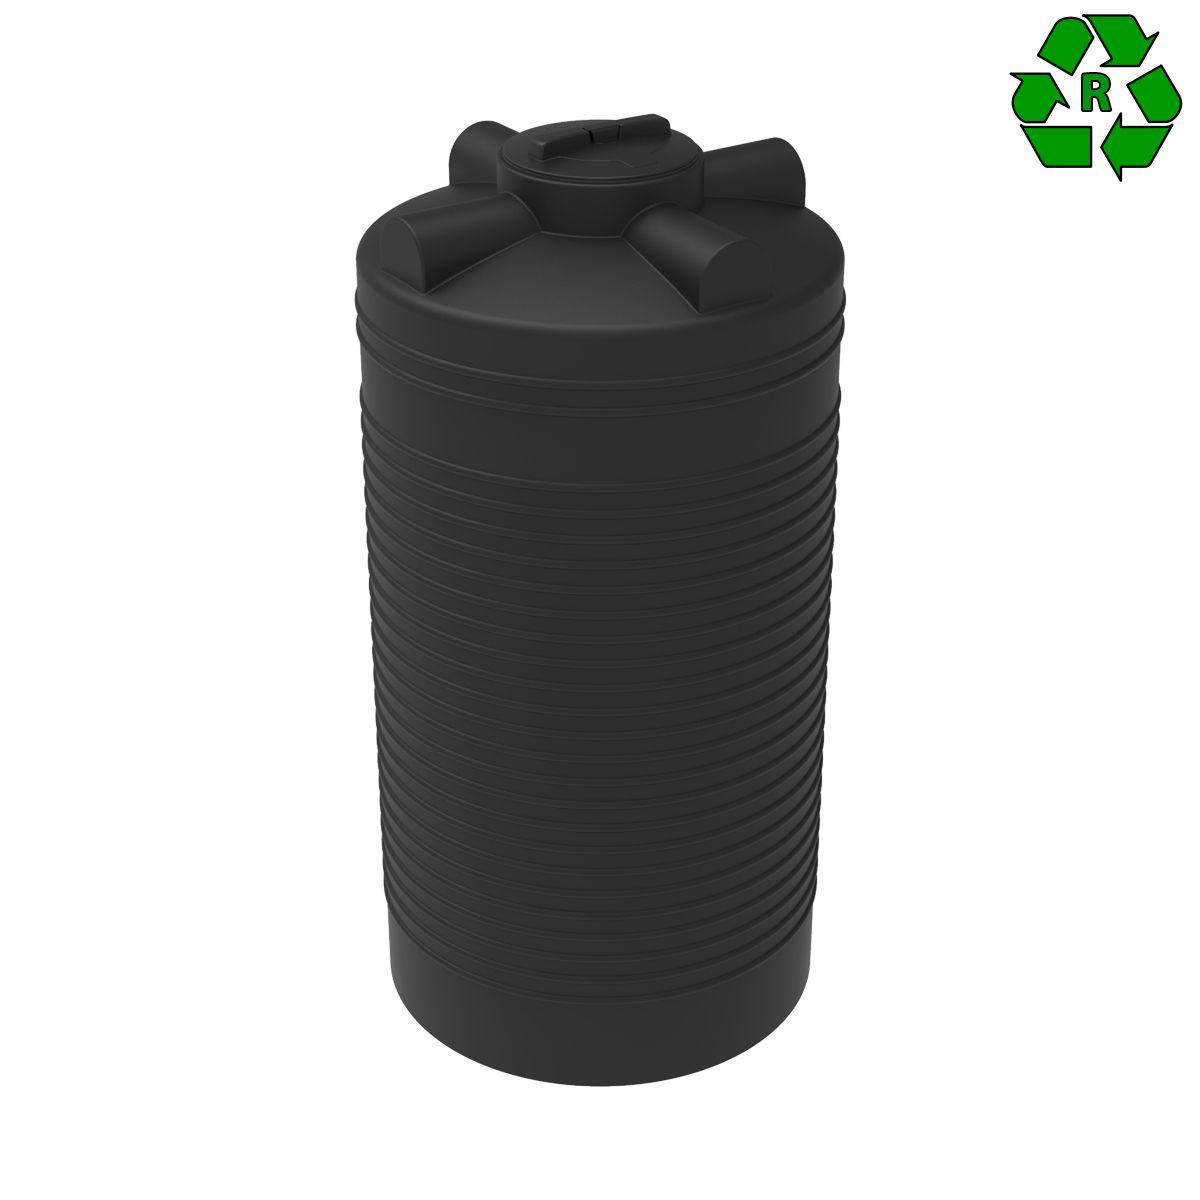 Емкость R ЭВЛ-Т 1000 литров пластиковая